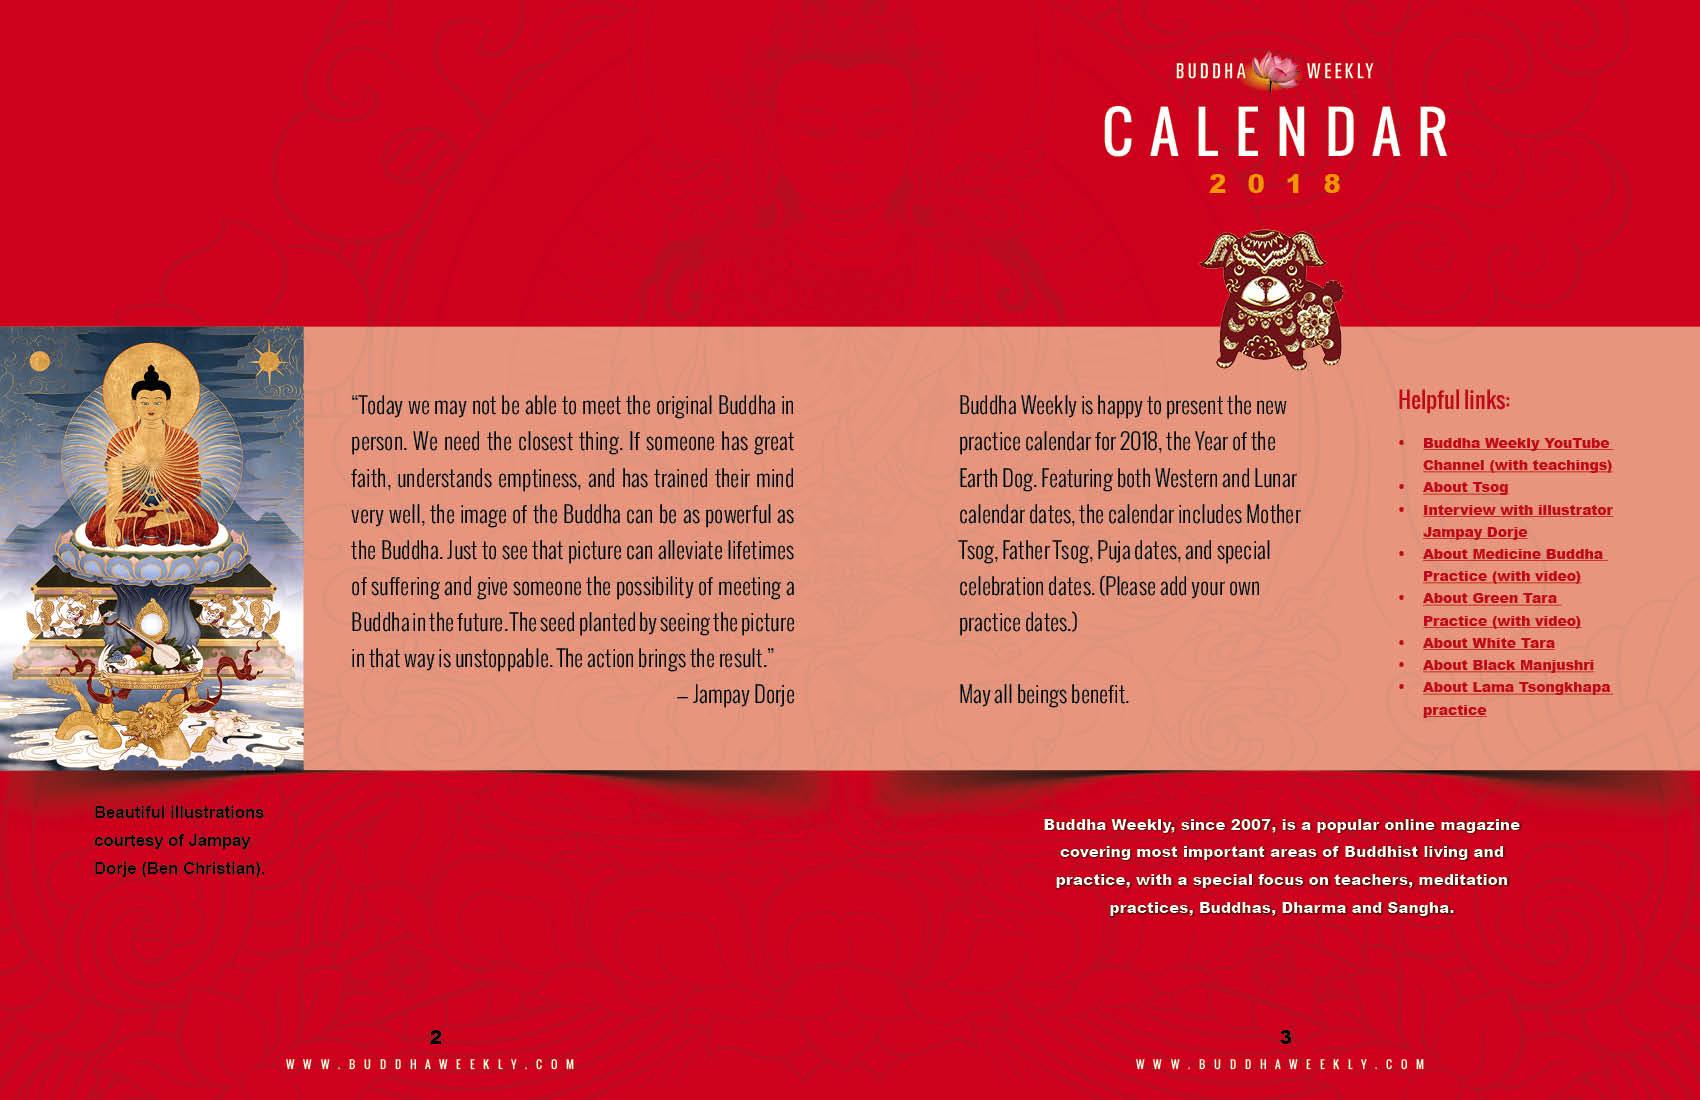 Lunar Calendar 2018 12 Buddha Weekly inside intro low